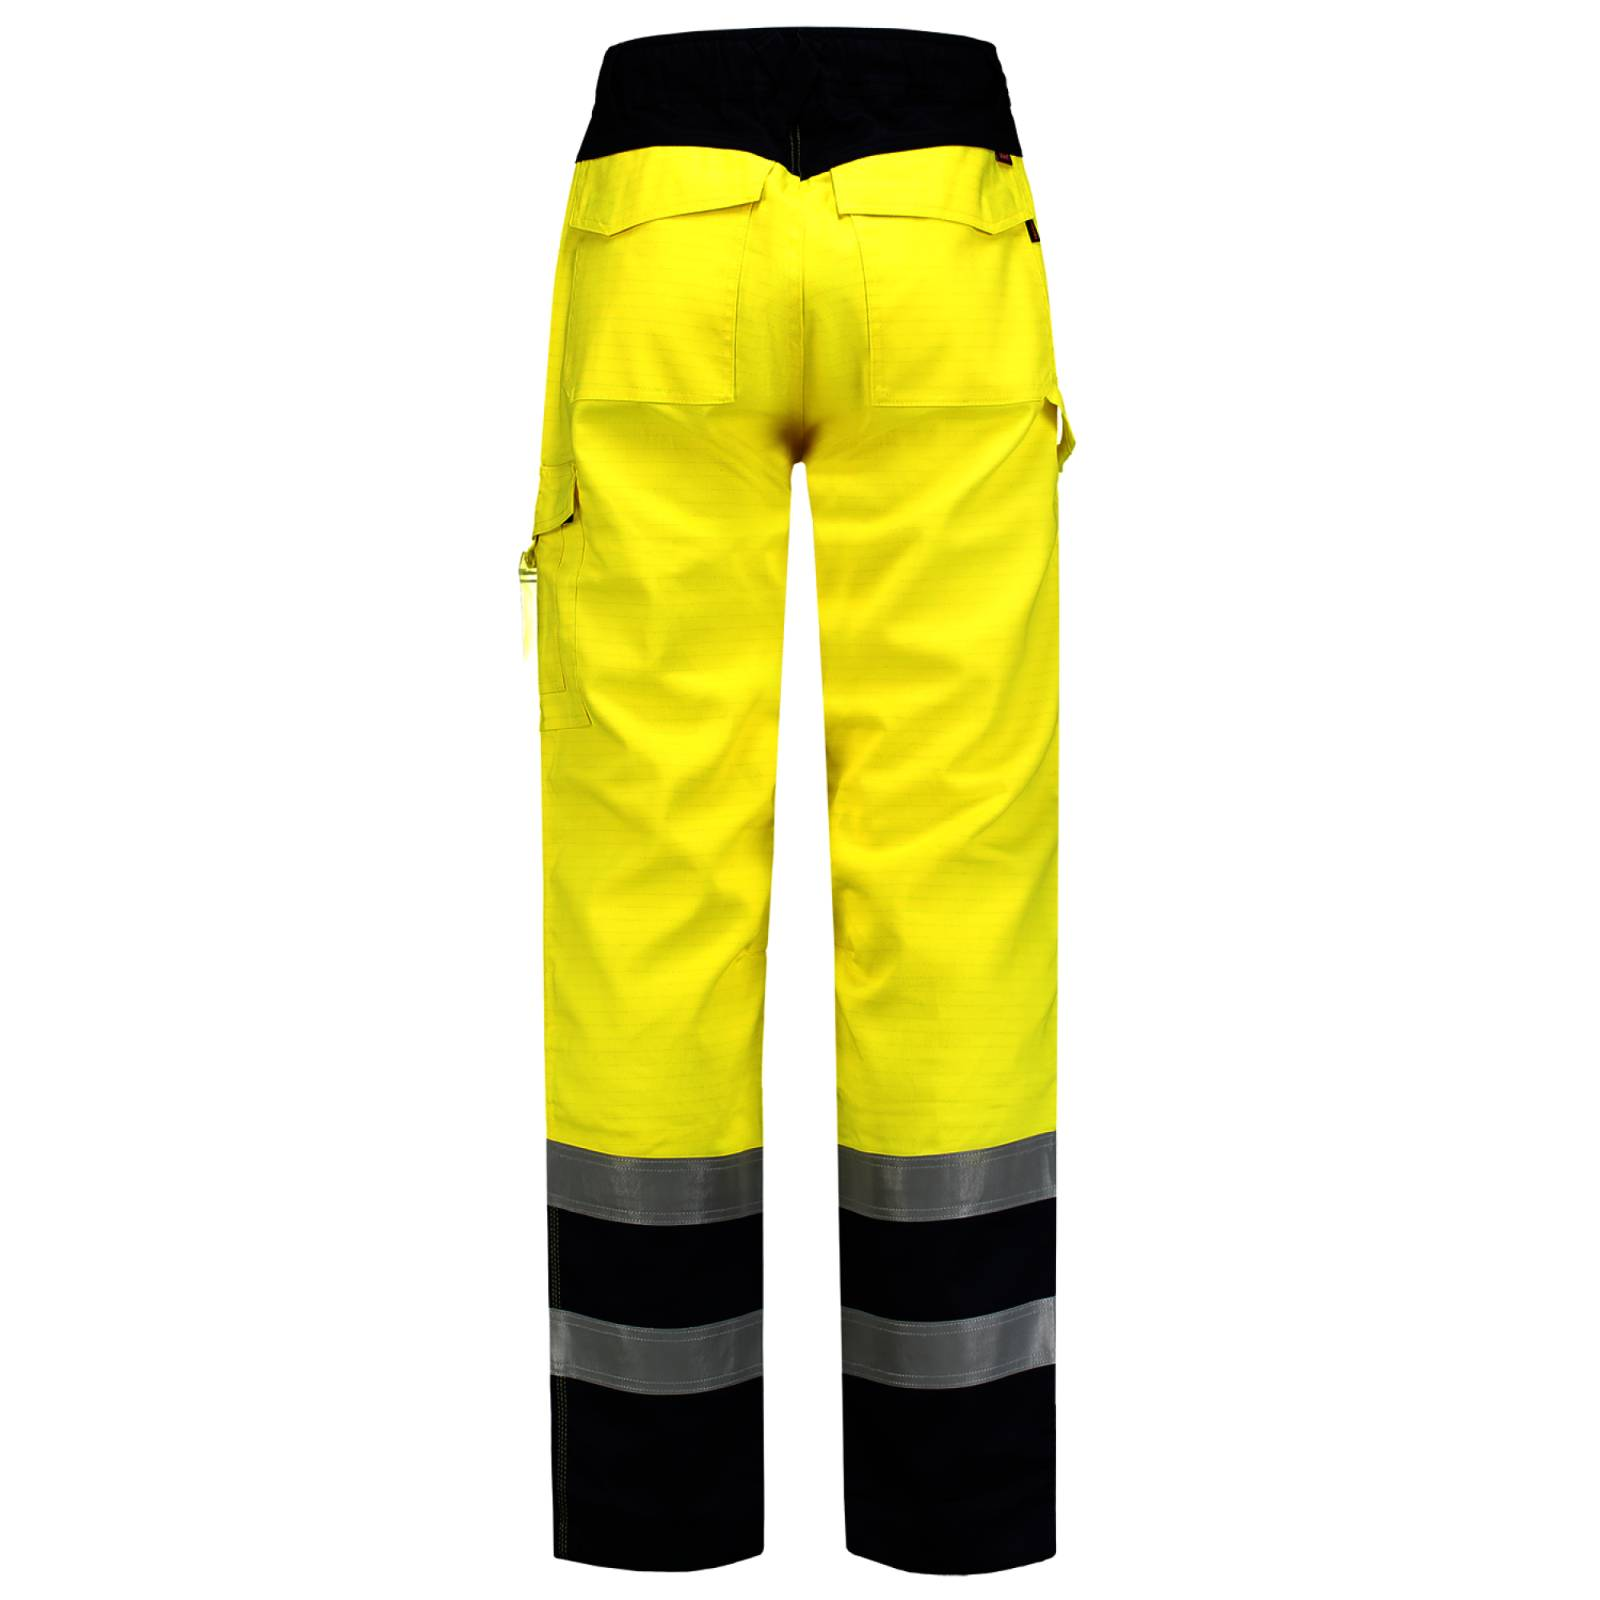 Tricorp Broeken 503004 Multinorm fluo geel-inktblauw(Yellowink)